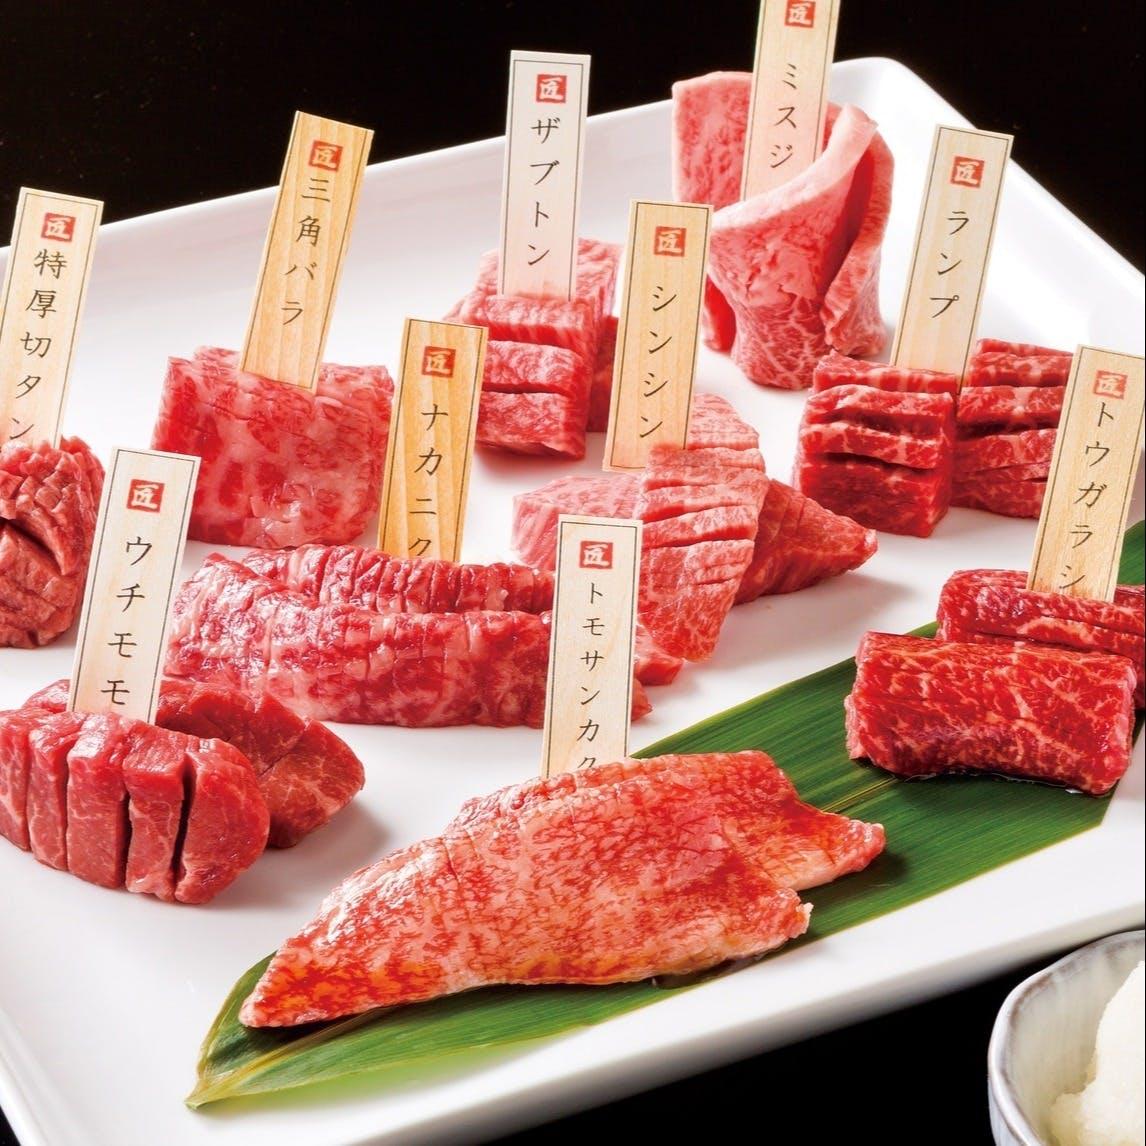 こだわりの肉の切り方